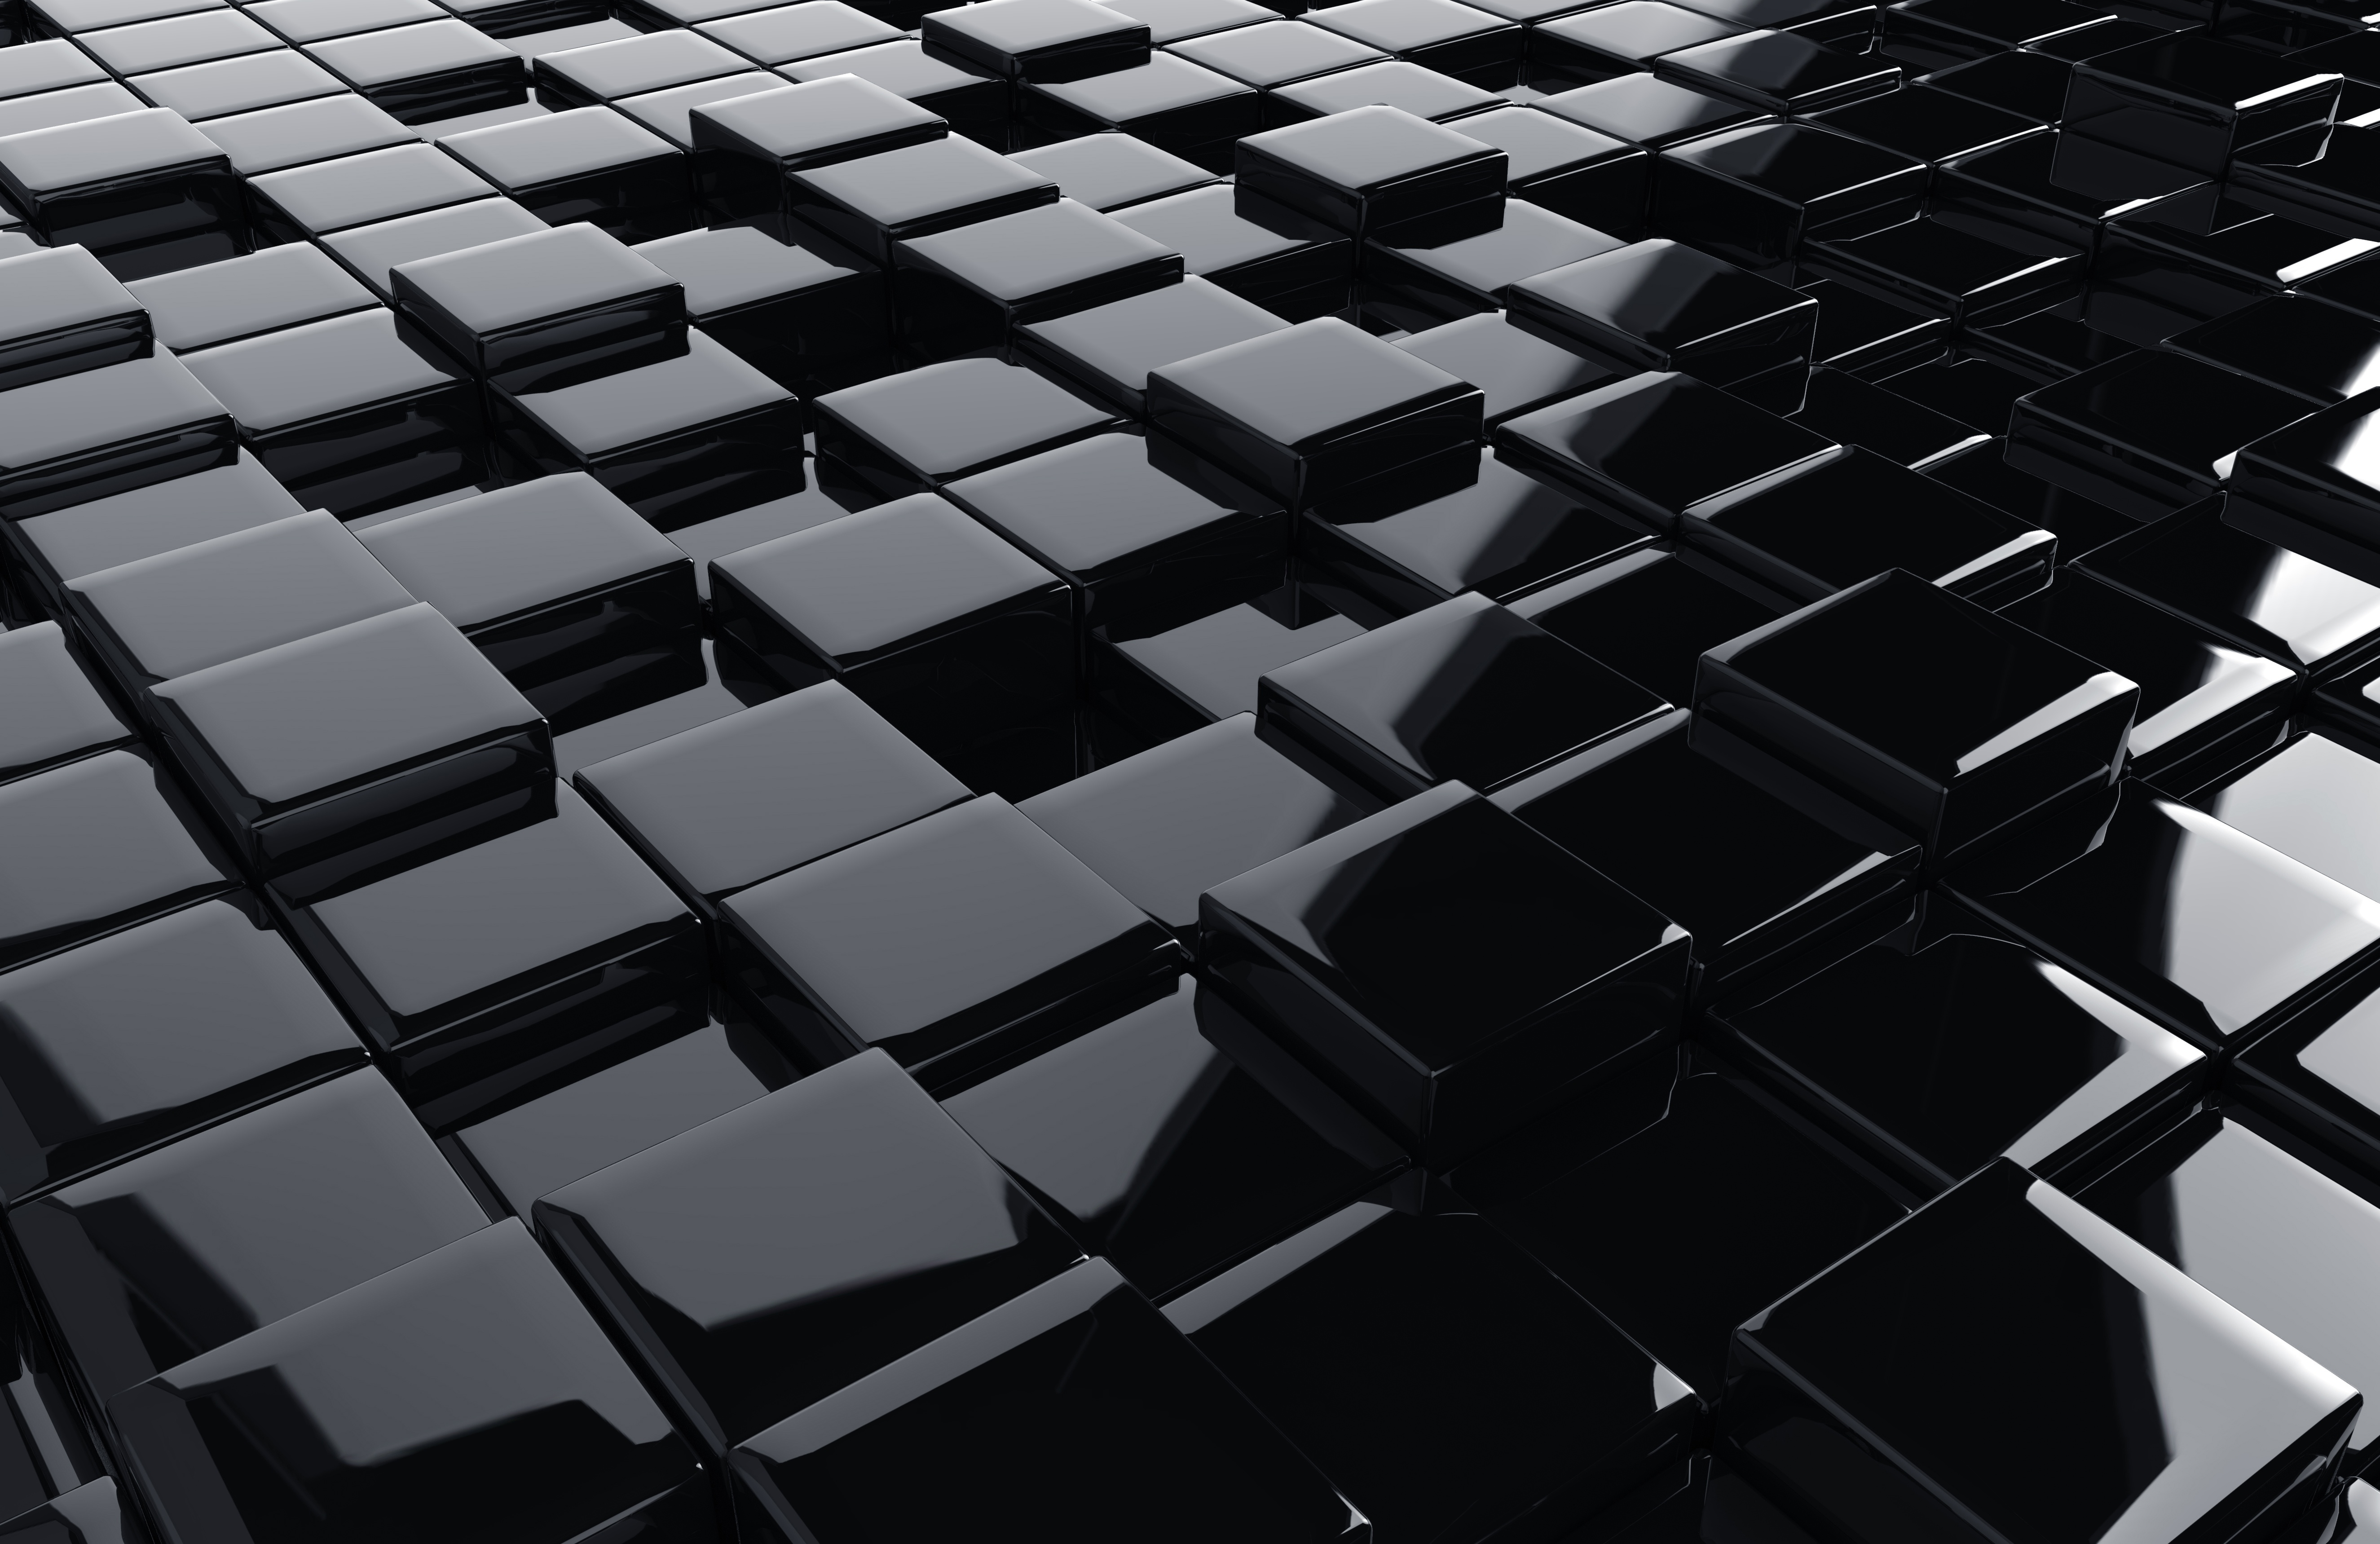 24+ Cube Wallpaper Black Pics